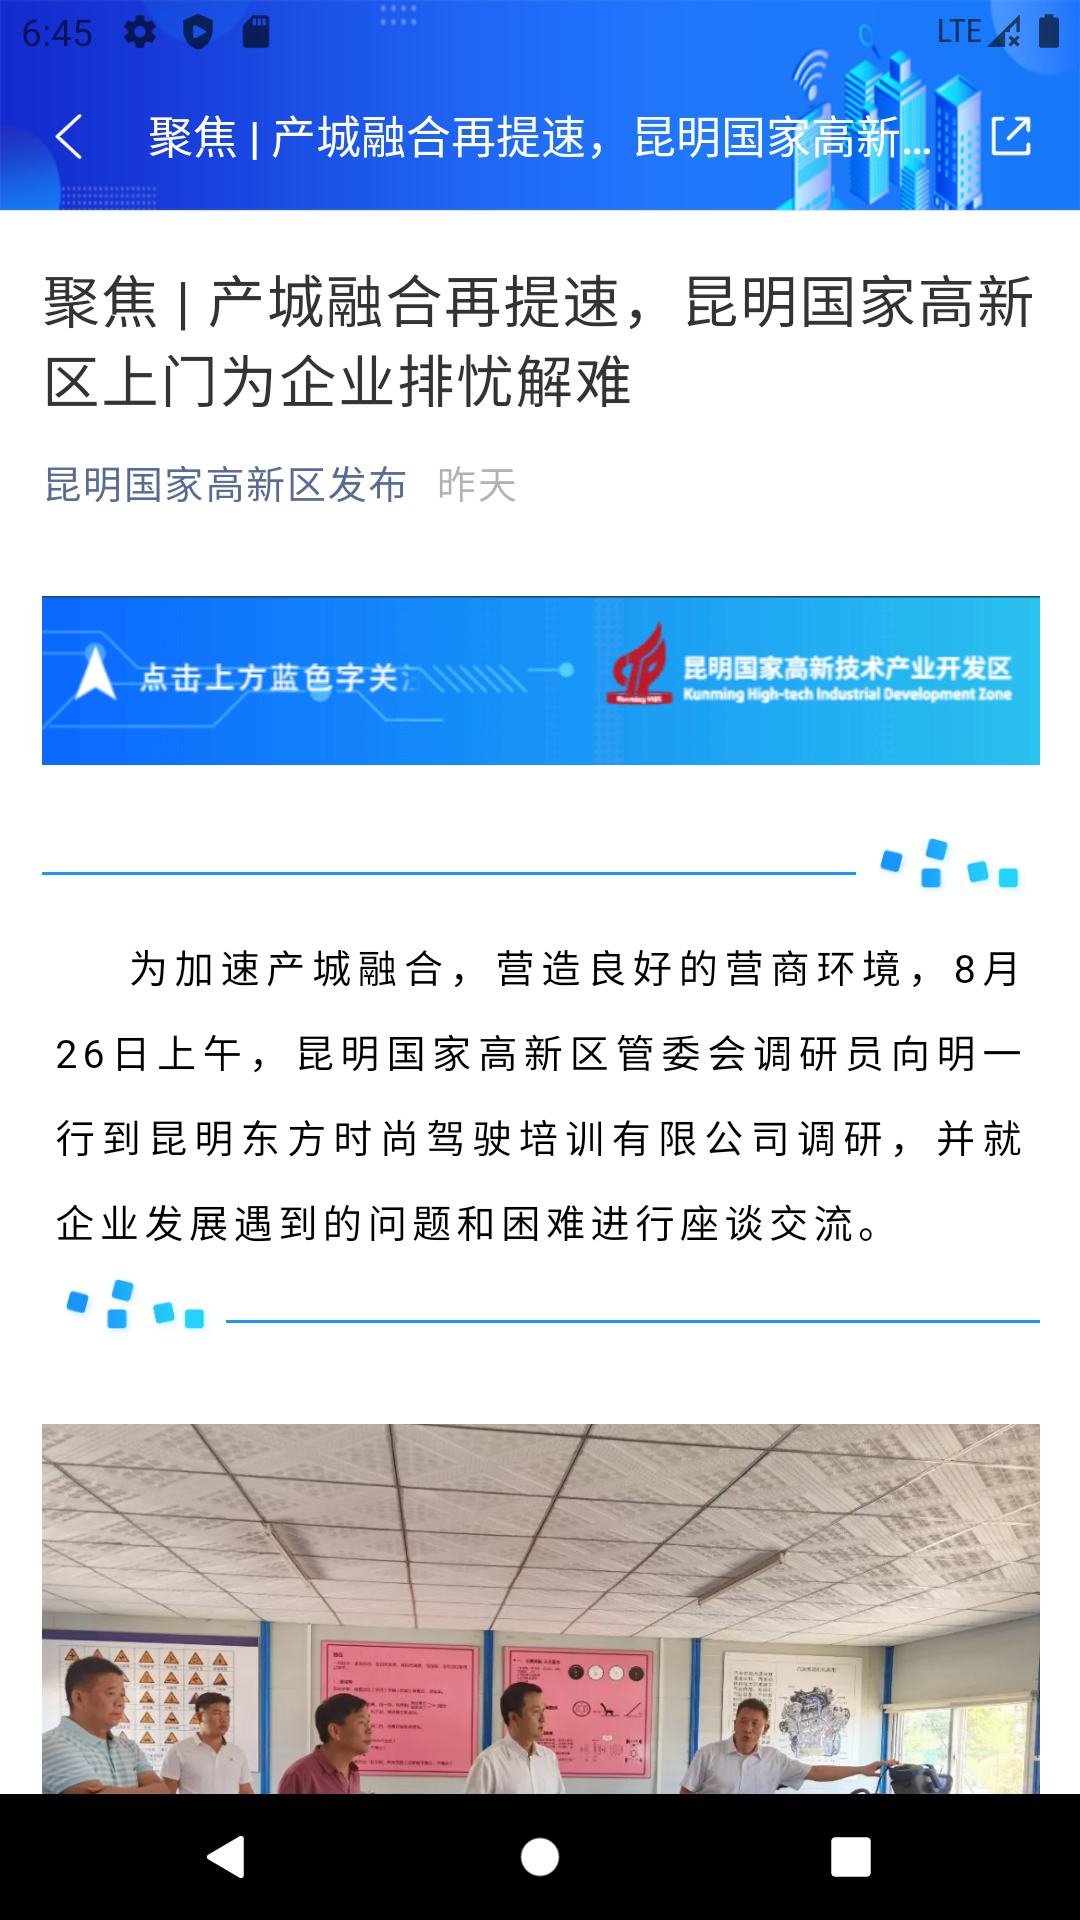 昆明高新 V1.1.6 安卓版截图2